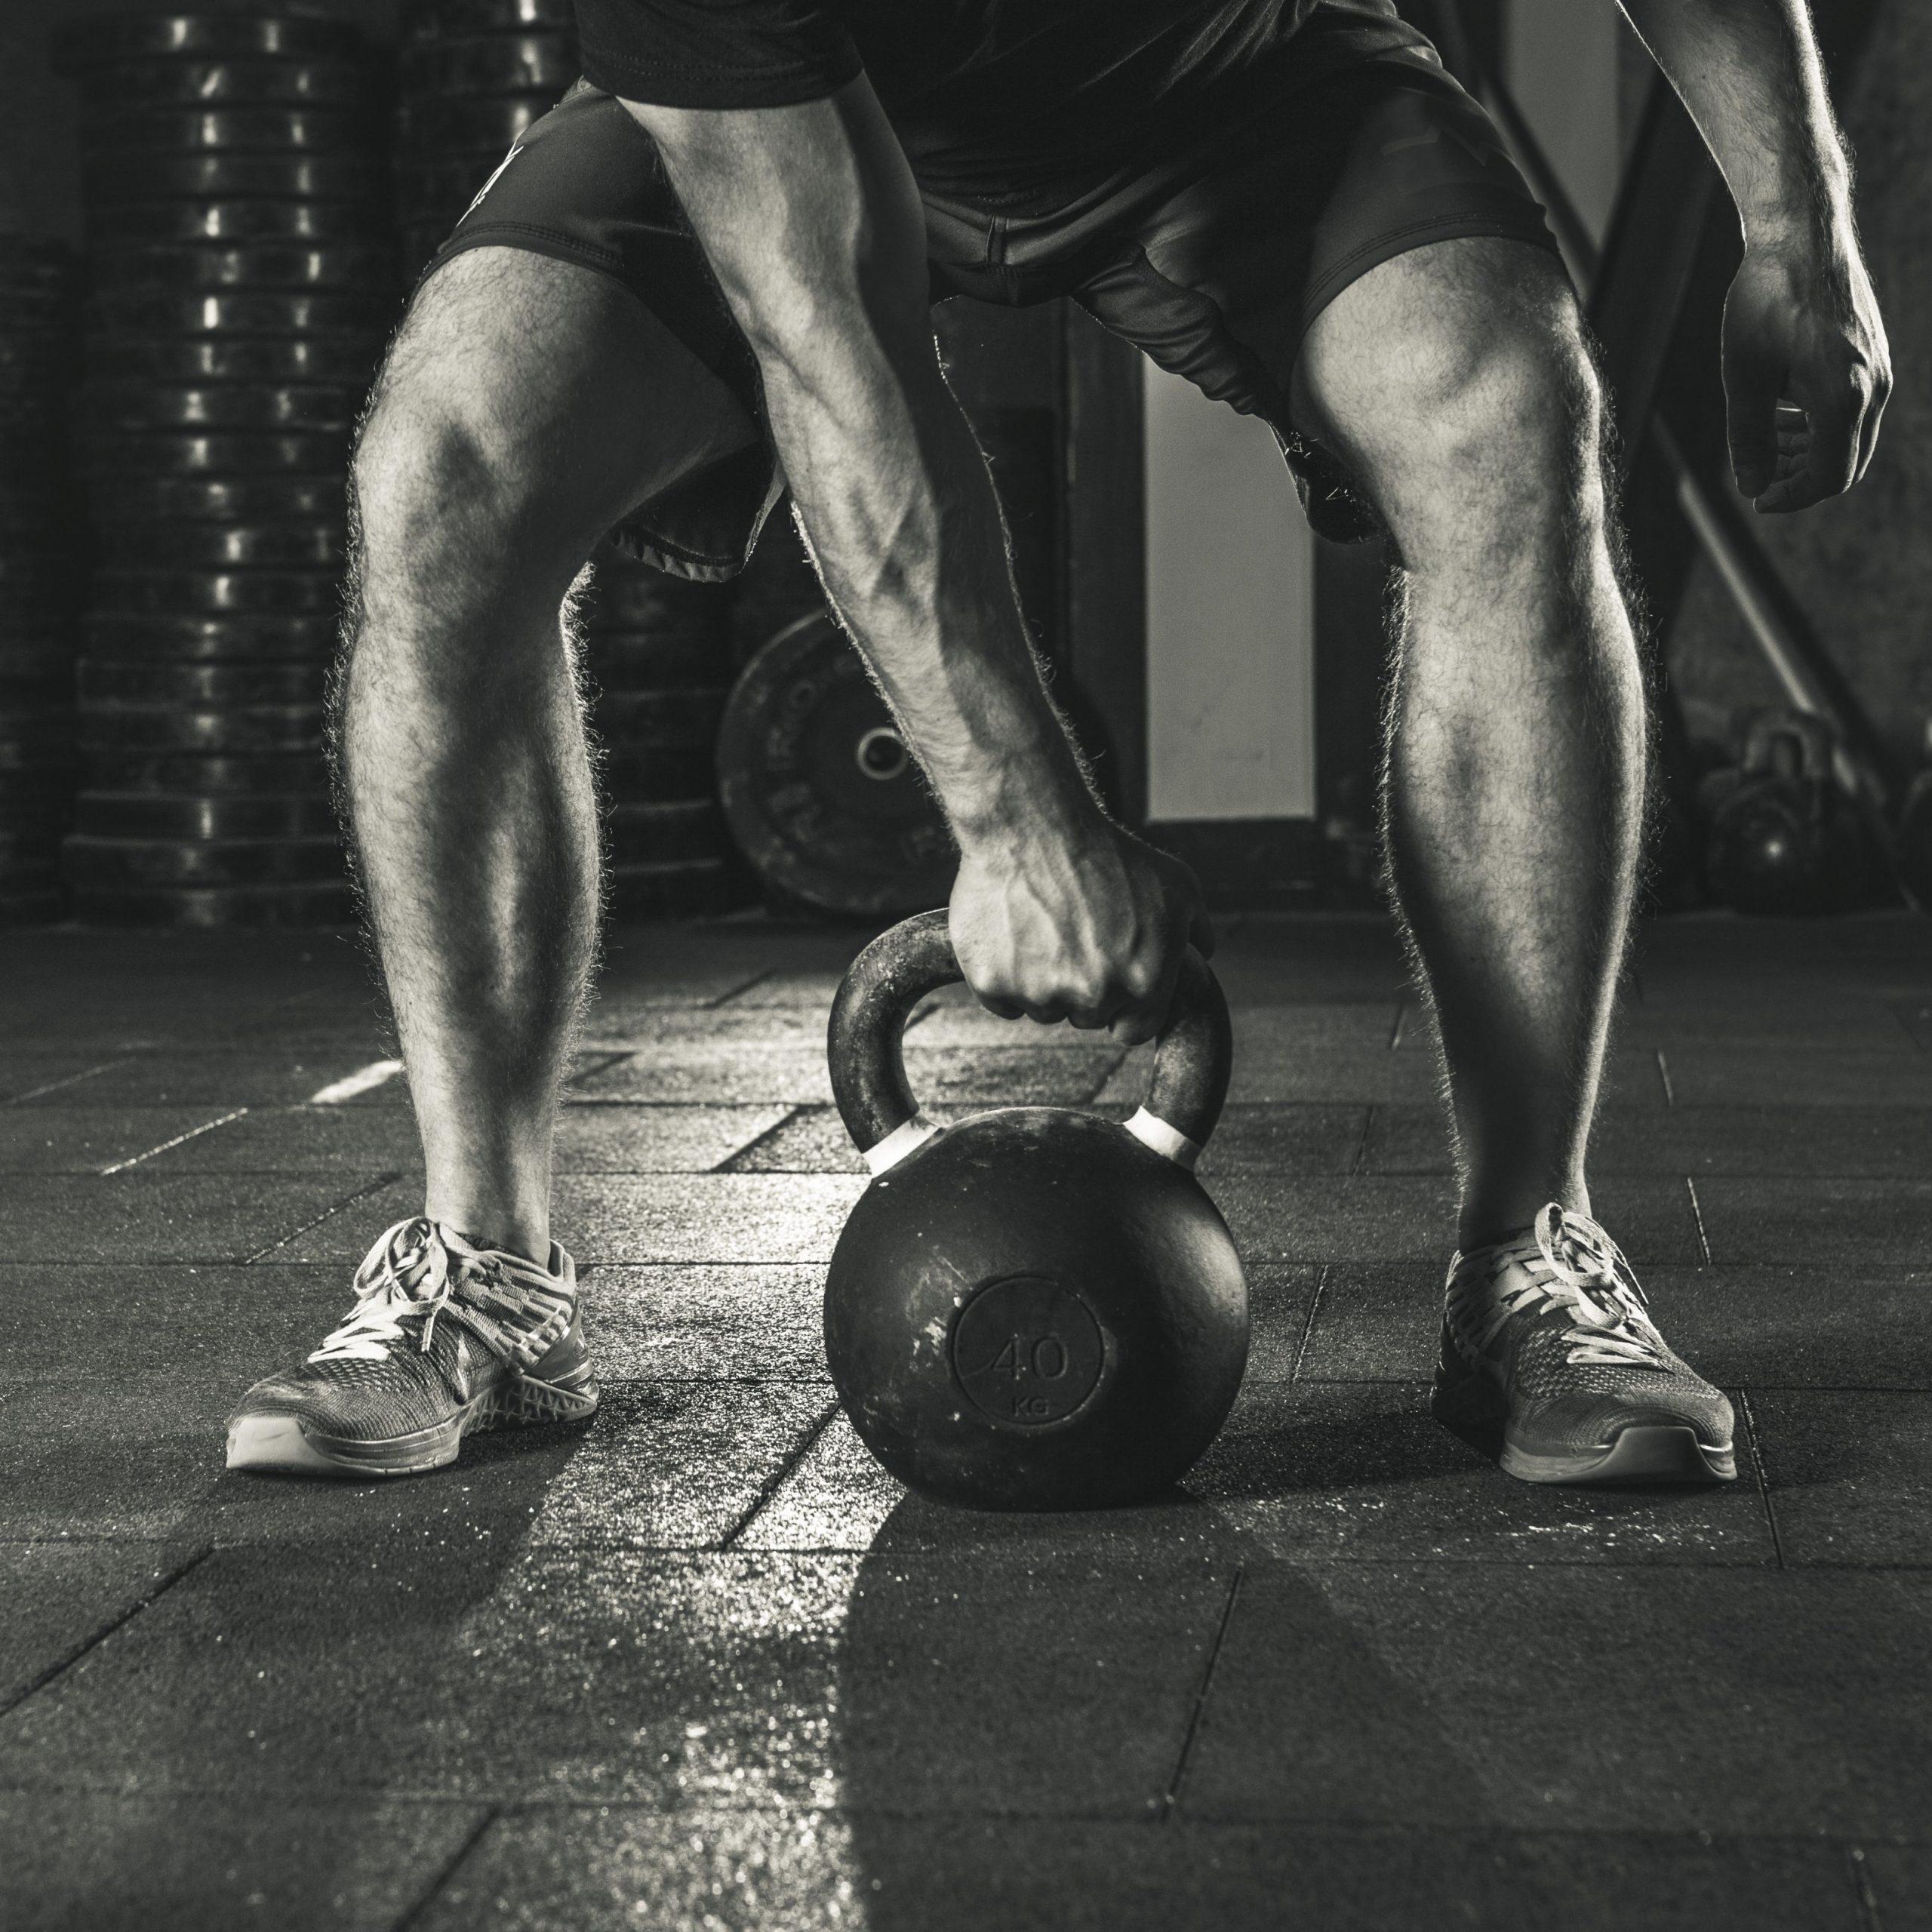 La importancia del entrenamiento de fuerza para nuestro bienestar